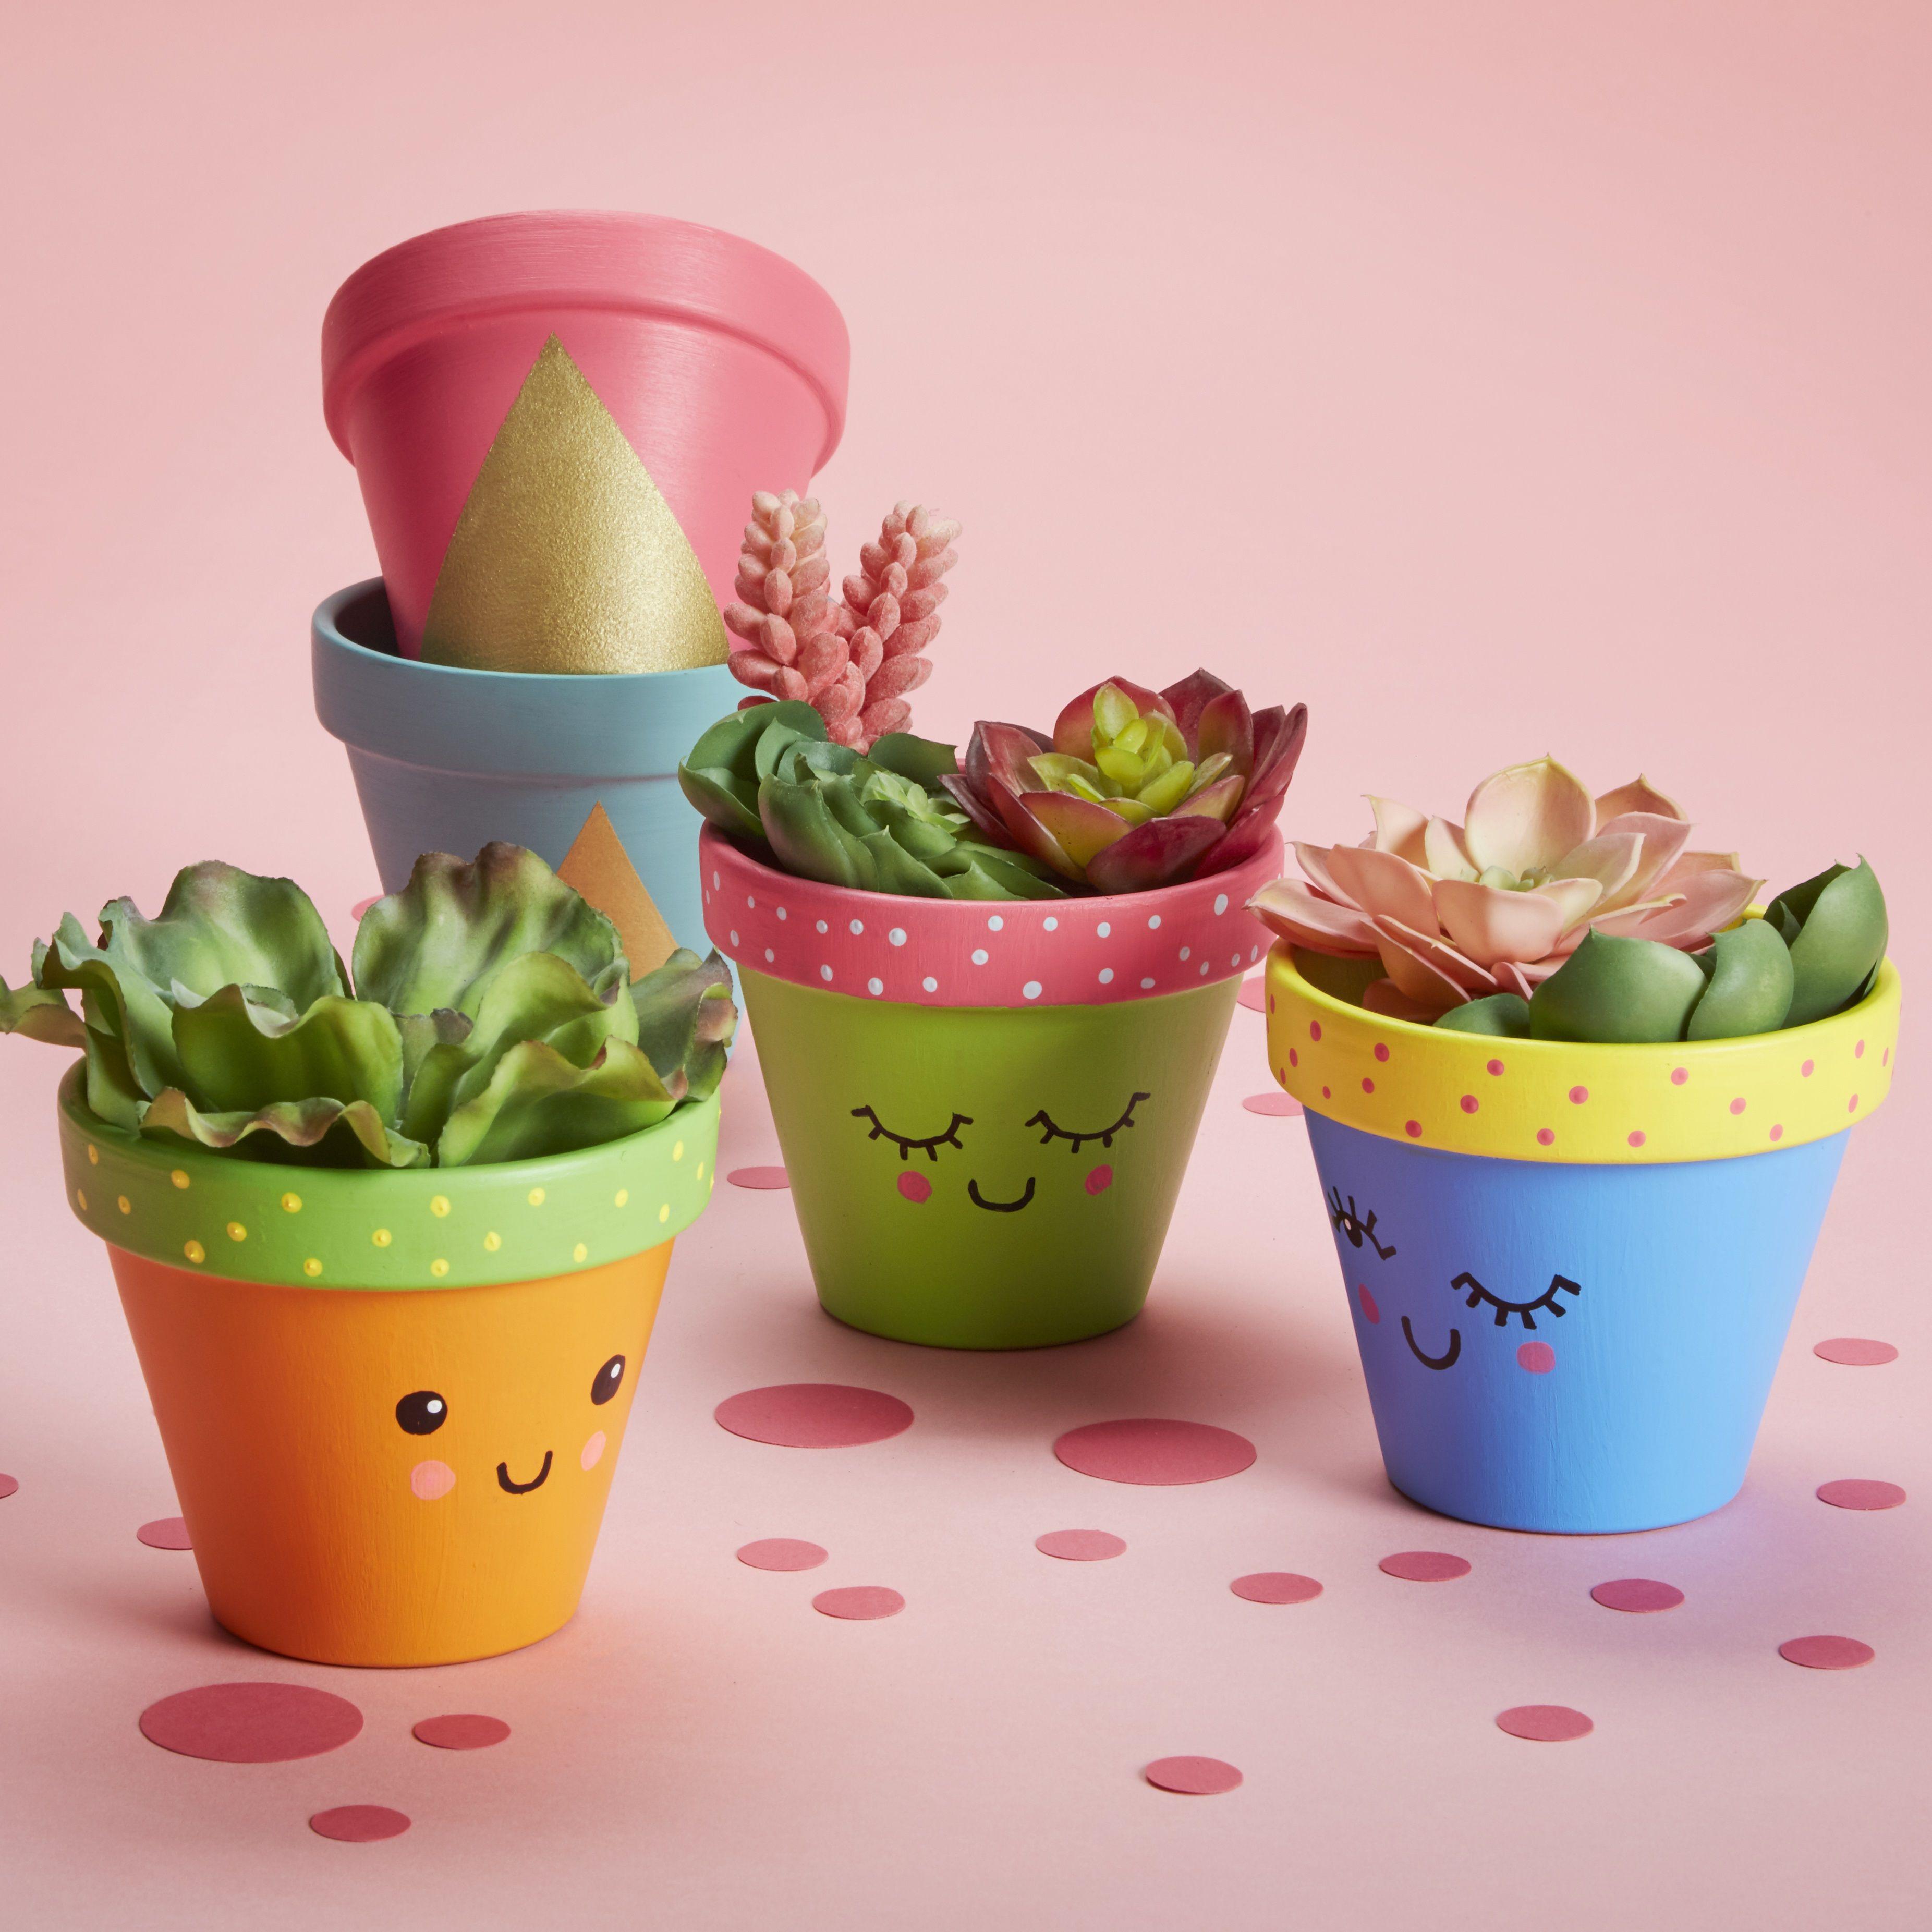 Makebreak Clay Pots Clay Pot Crafts Painted Pots Diy Flower Pot Crafts